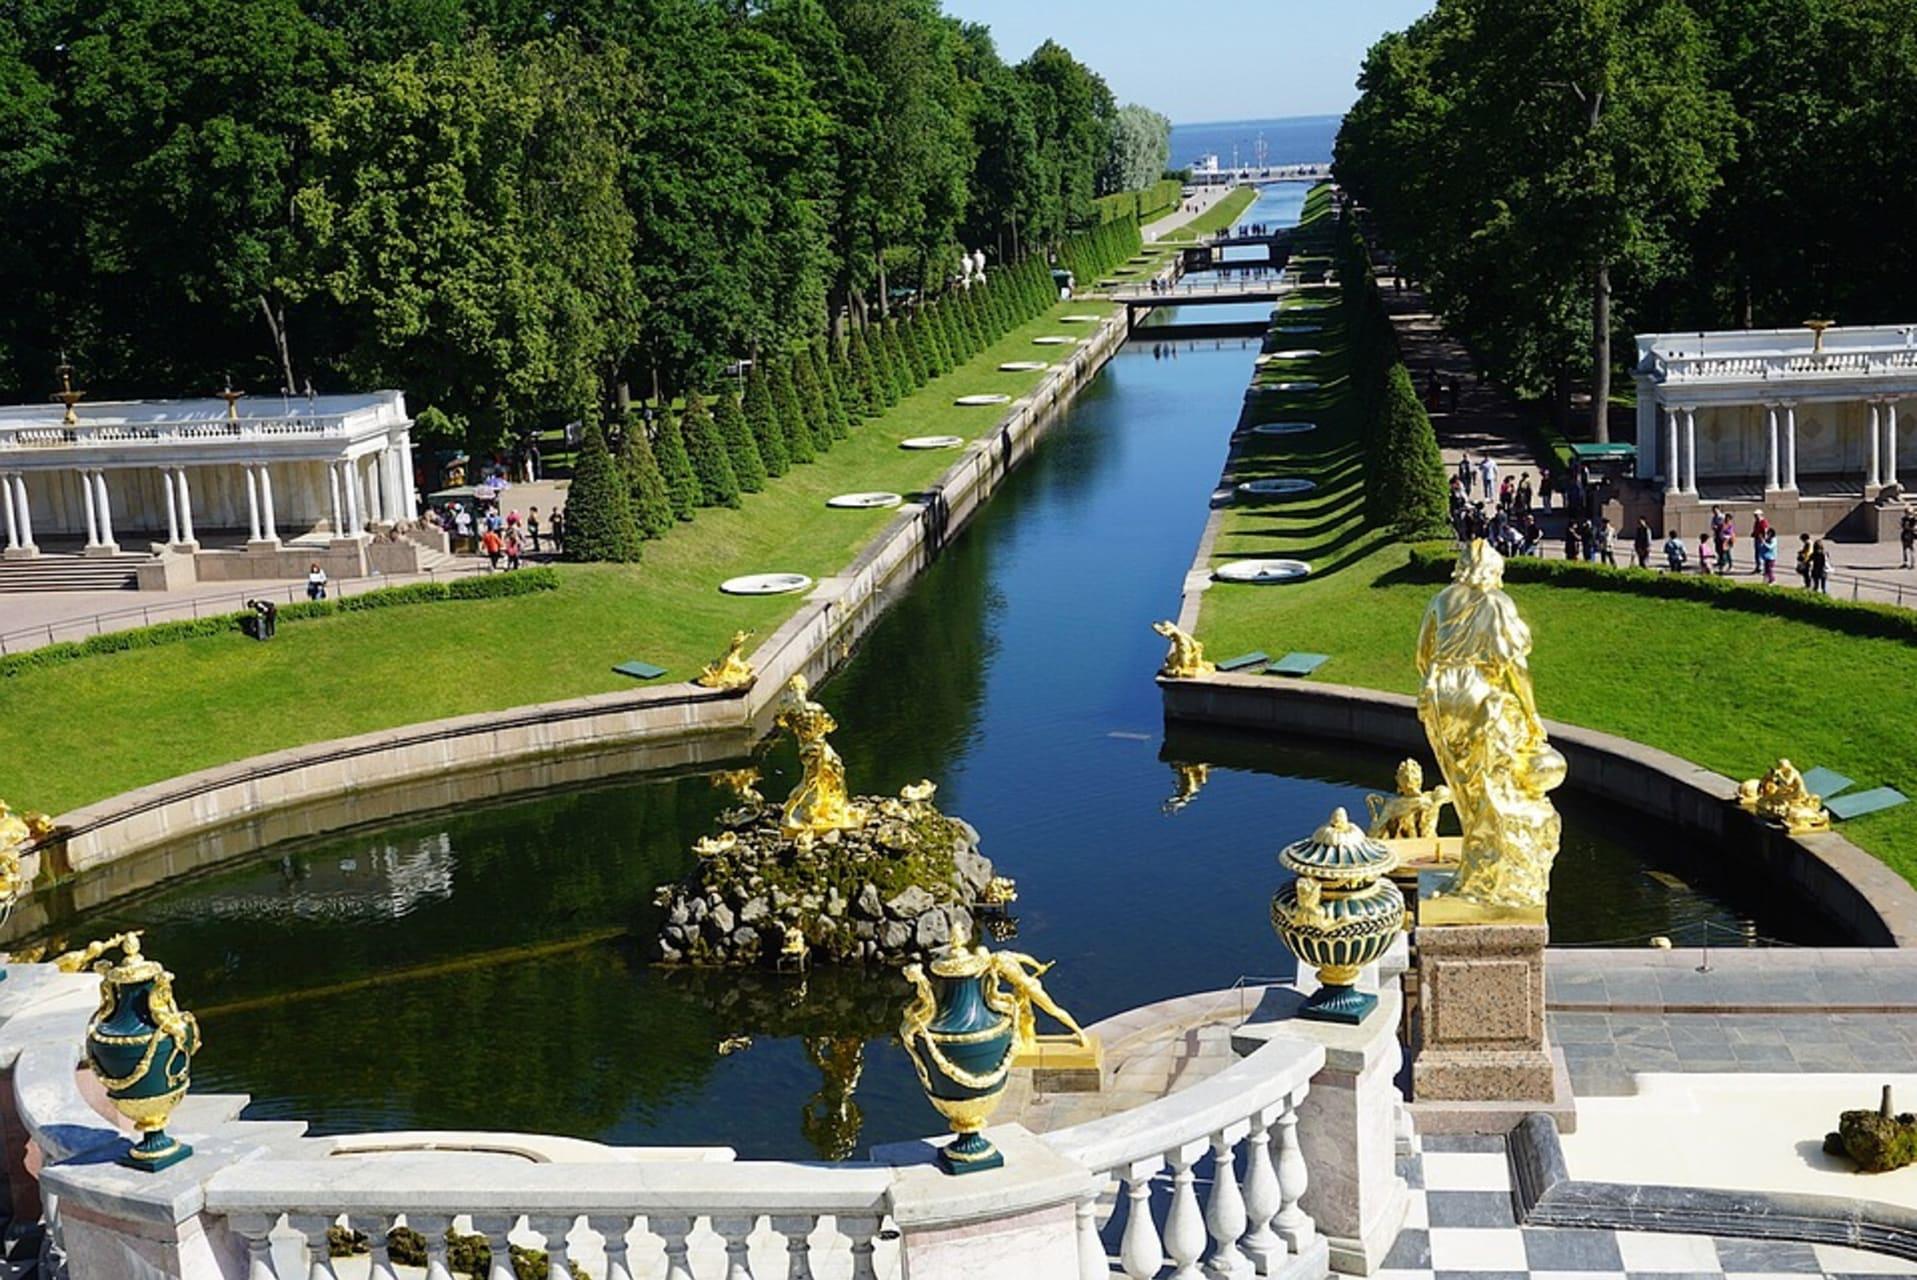 Saint Petersburg - Peterhof - Fountain Residence of Peter the Great Part II